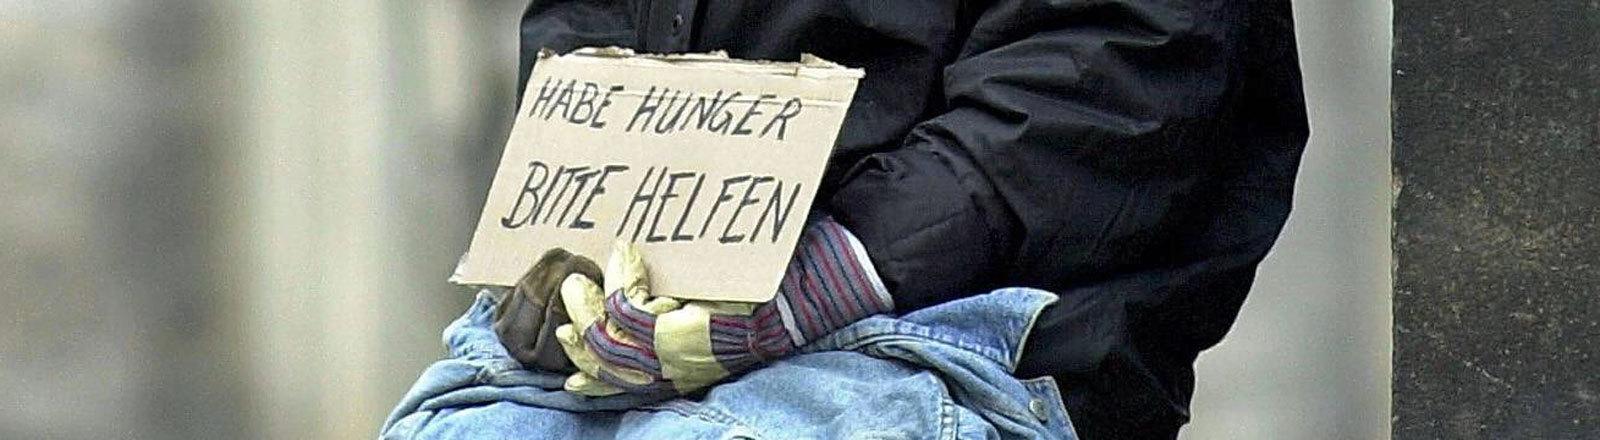 Obdachloser sammelt Spenden